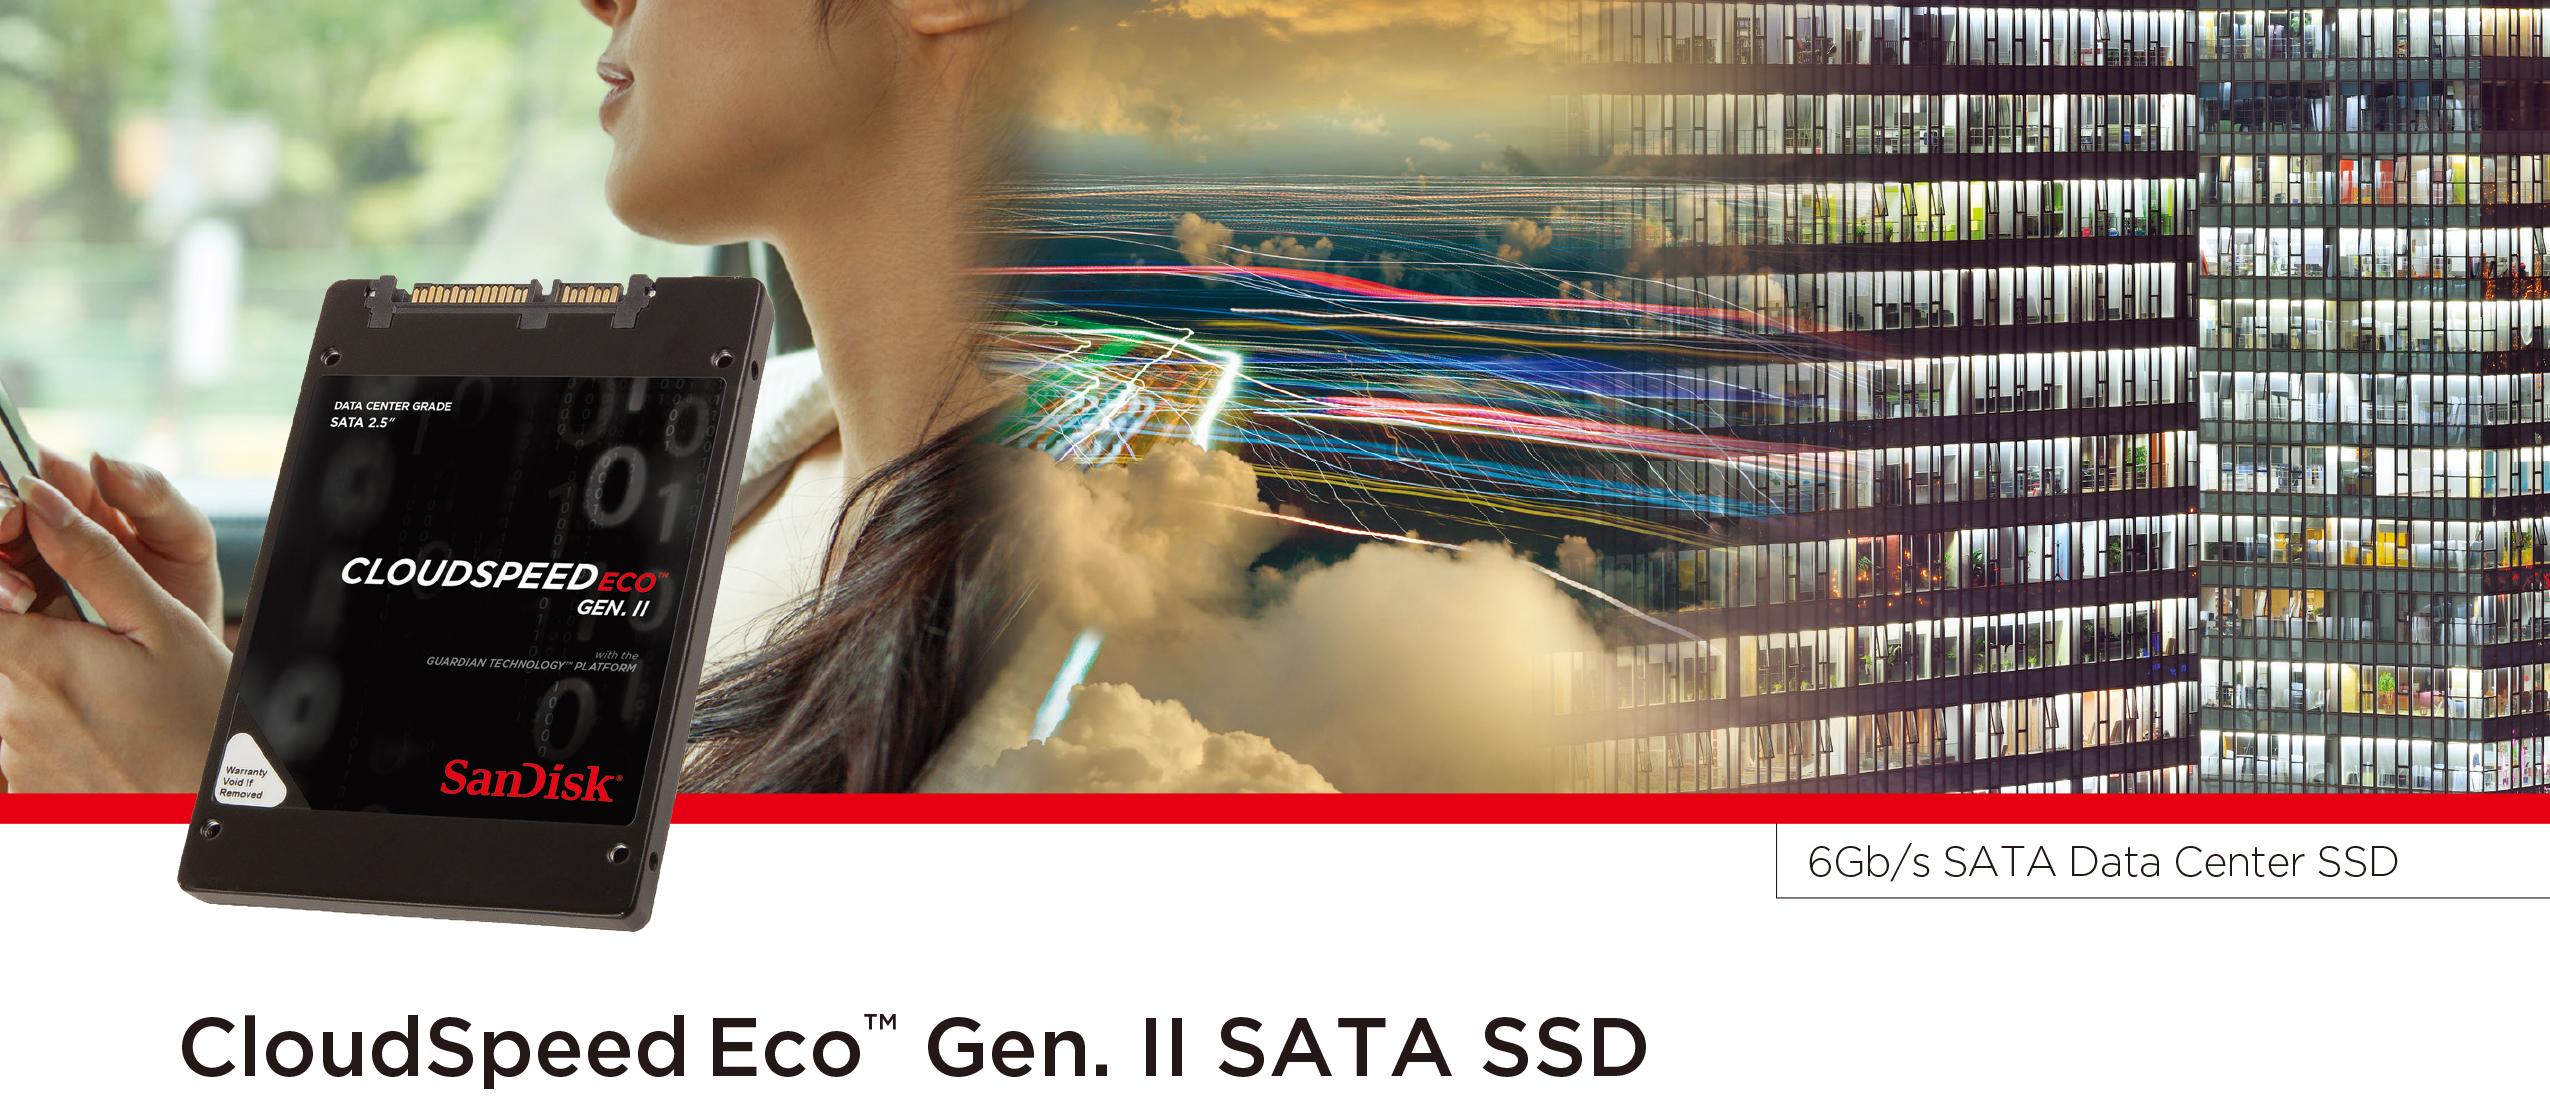 闪迪 SDLF1DAR-480G-1HA1 480G 0.6DWD 2.5 SATA SSD 企业级云速系列 EMLC颗粒 耐写度高